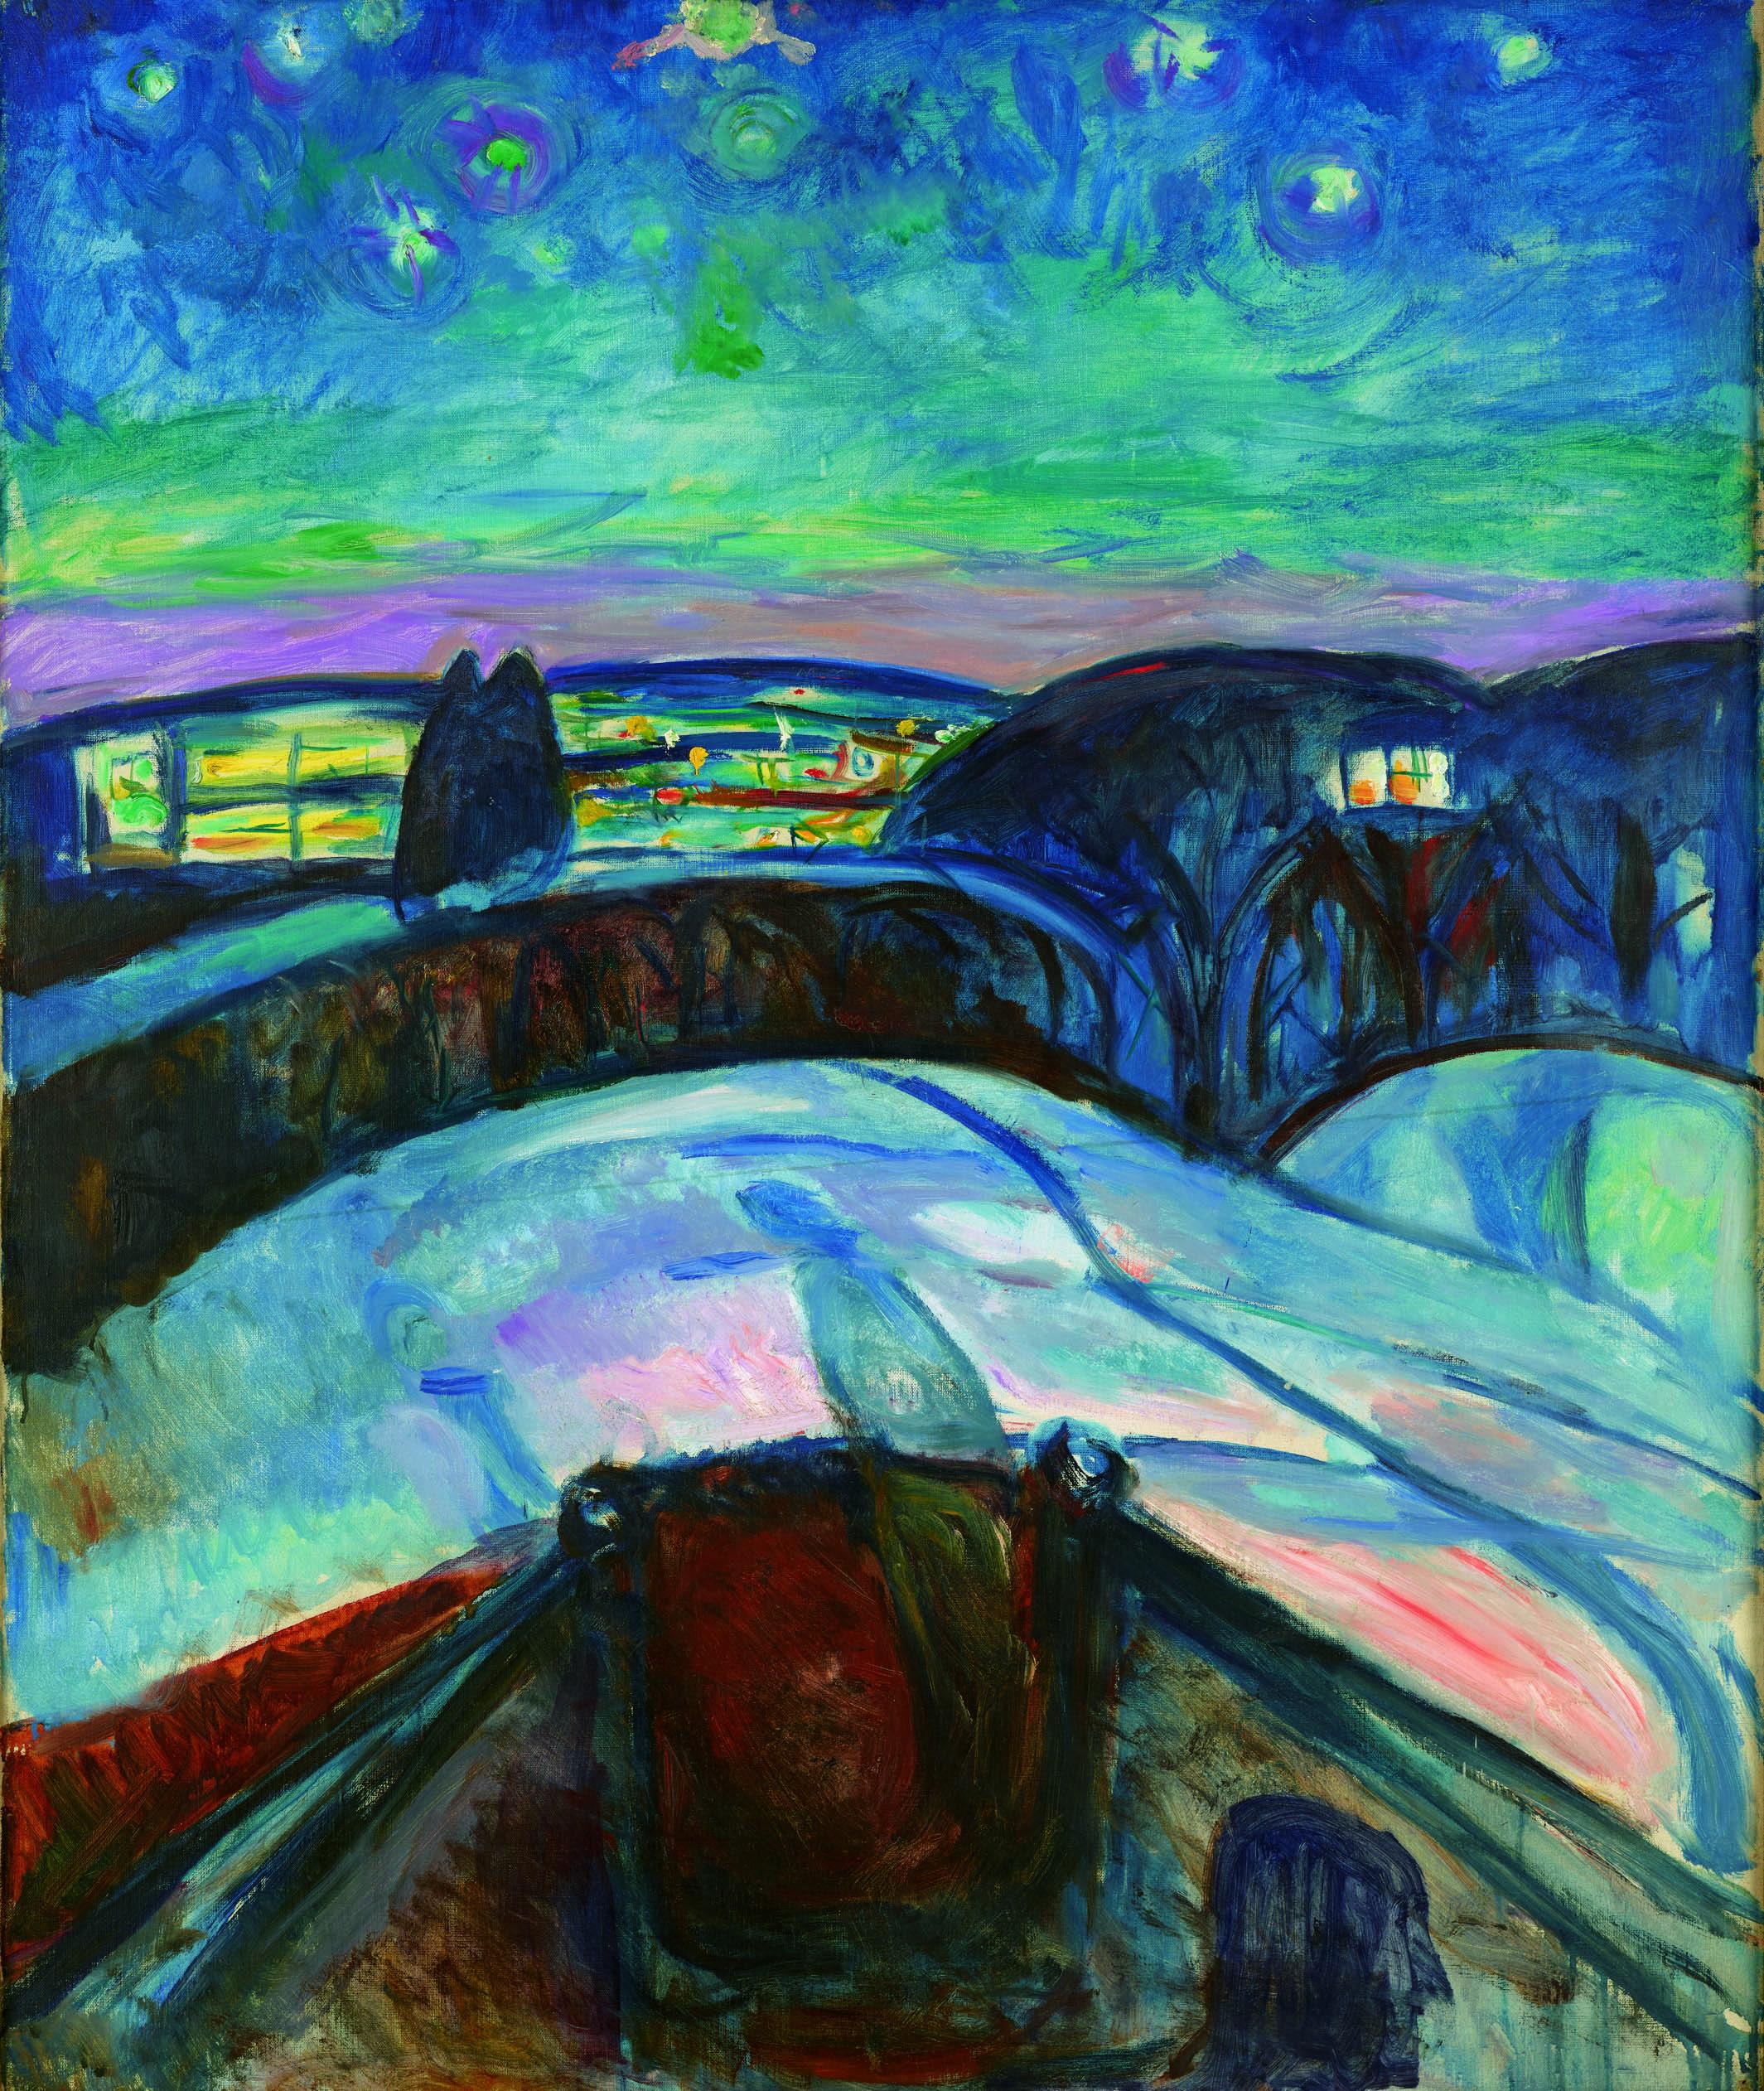 エドヴァルド・ムンク《星月夜》1922-24年 油彩、カンヴァス 120.5×100cm